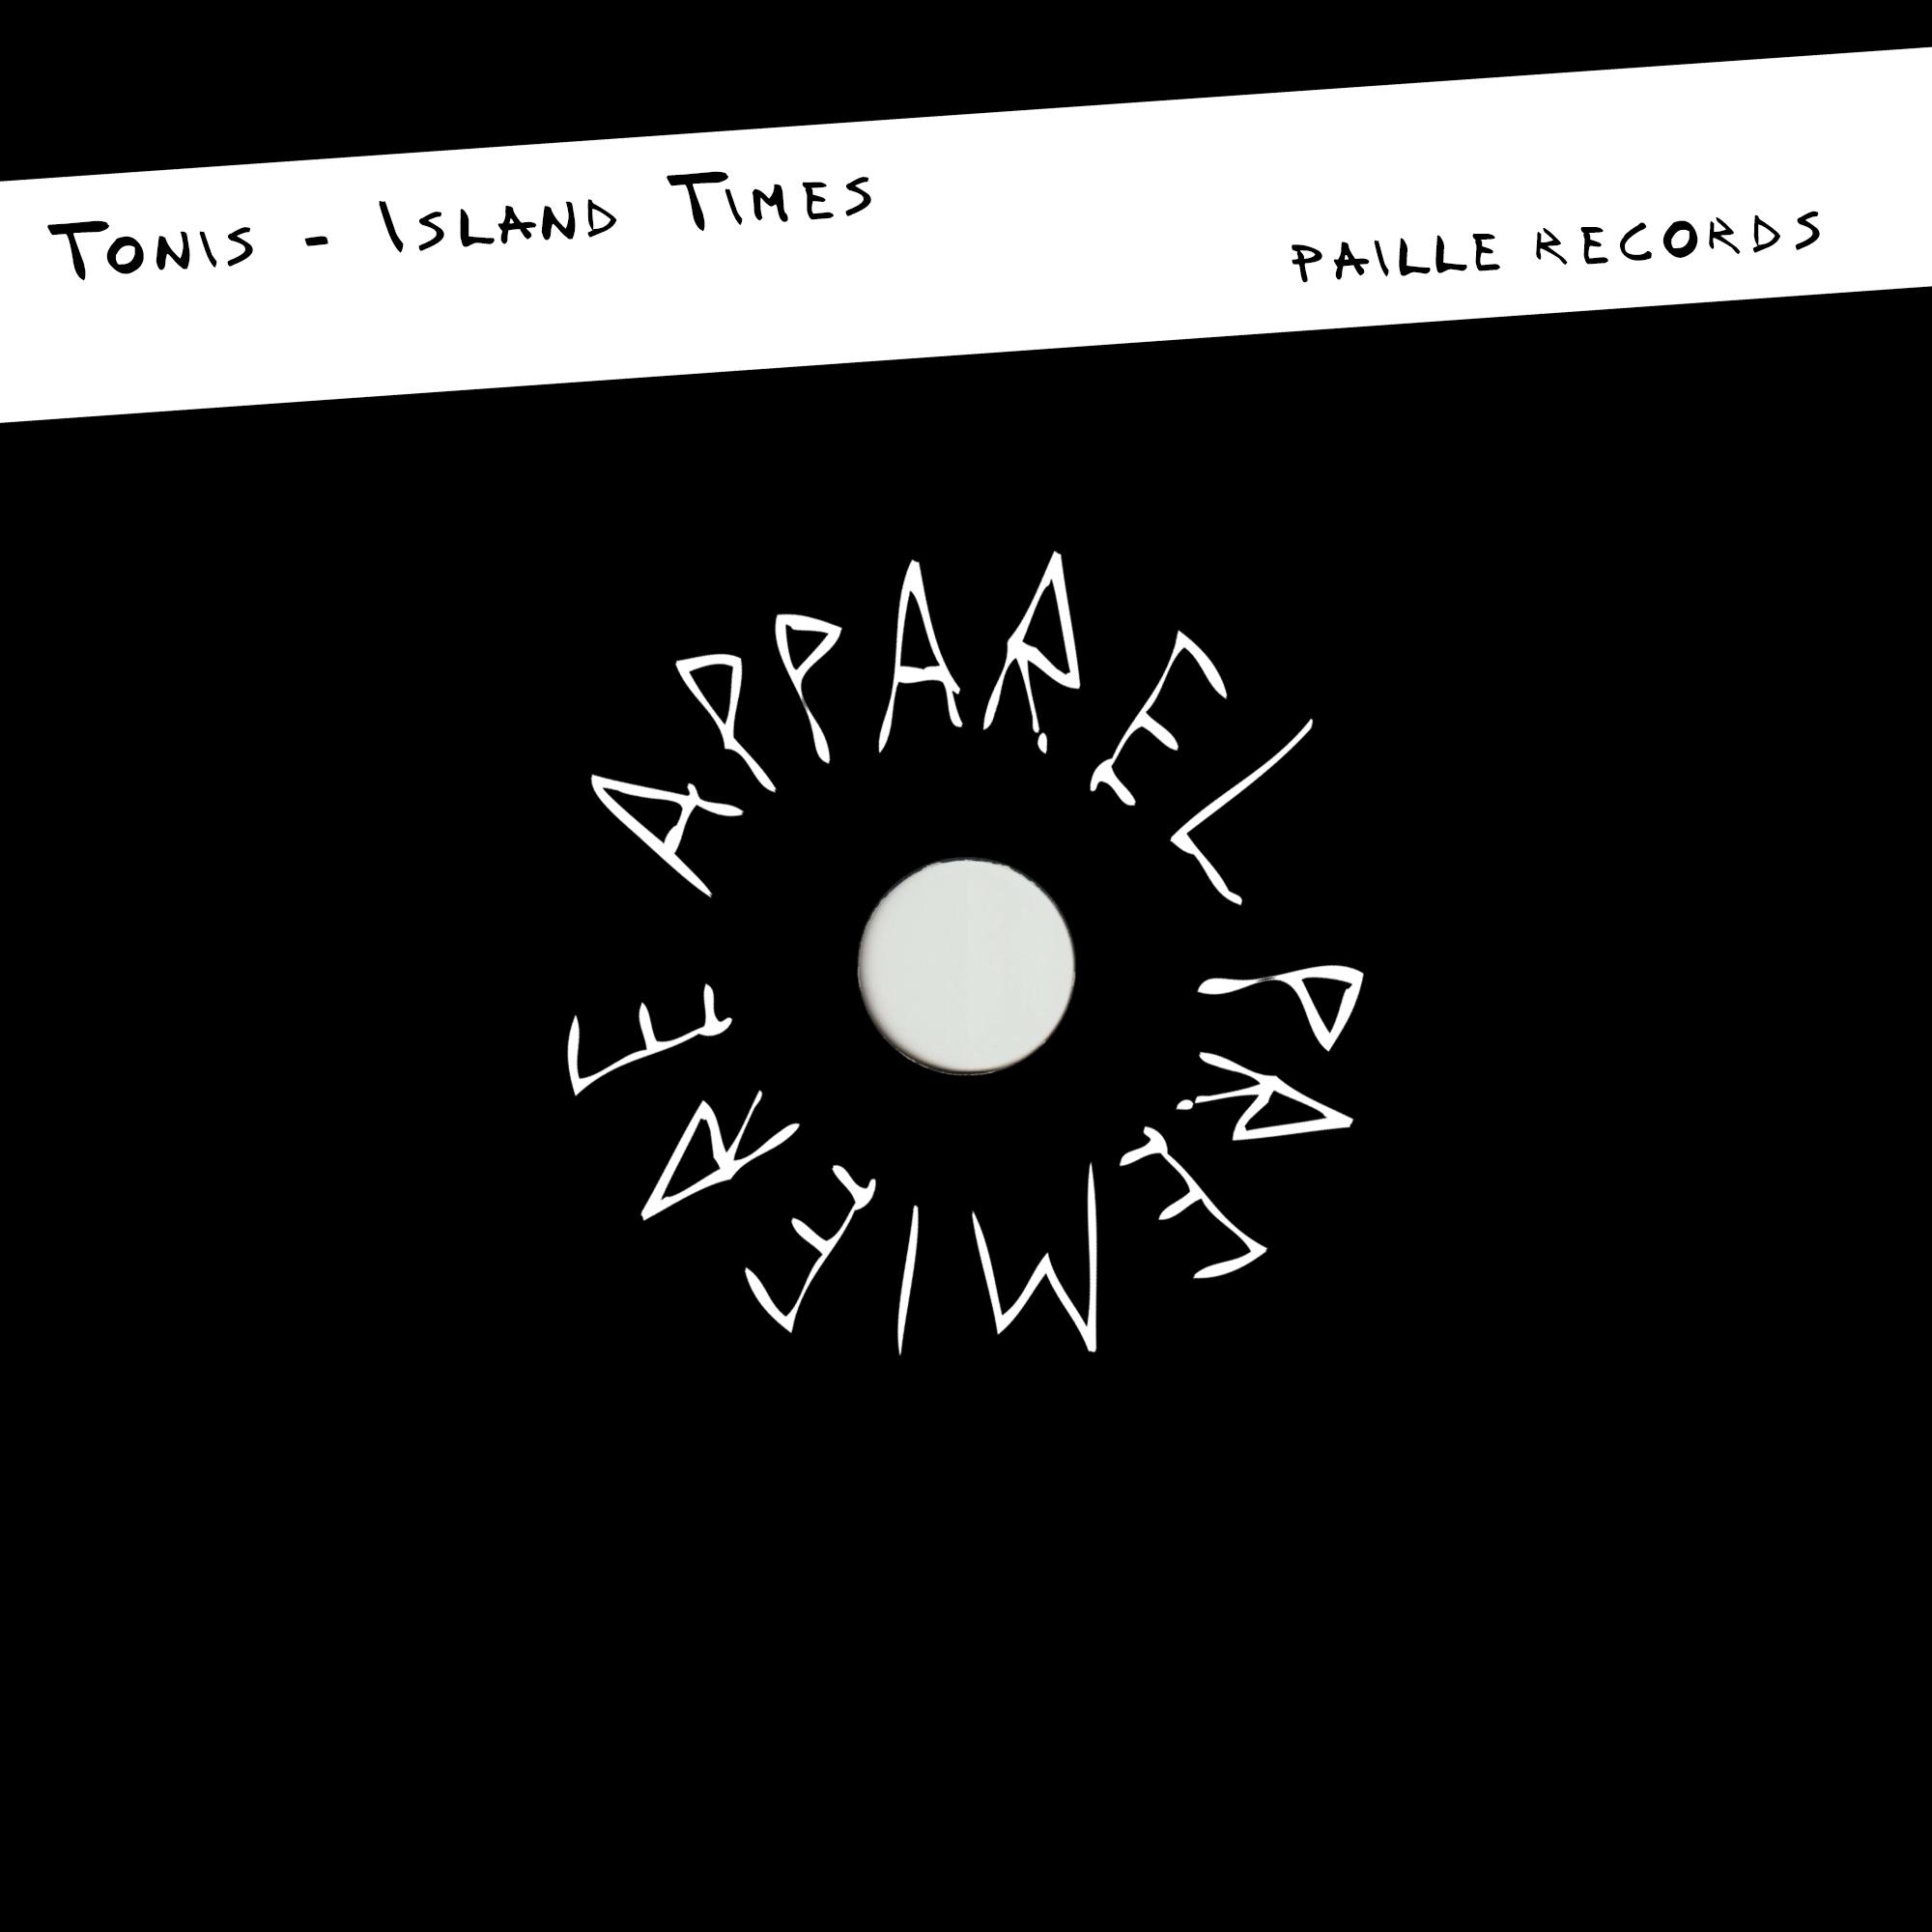 APPAREL PREMIERE Tōnis – Island Time [Paille Records]